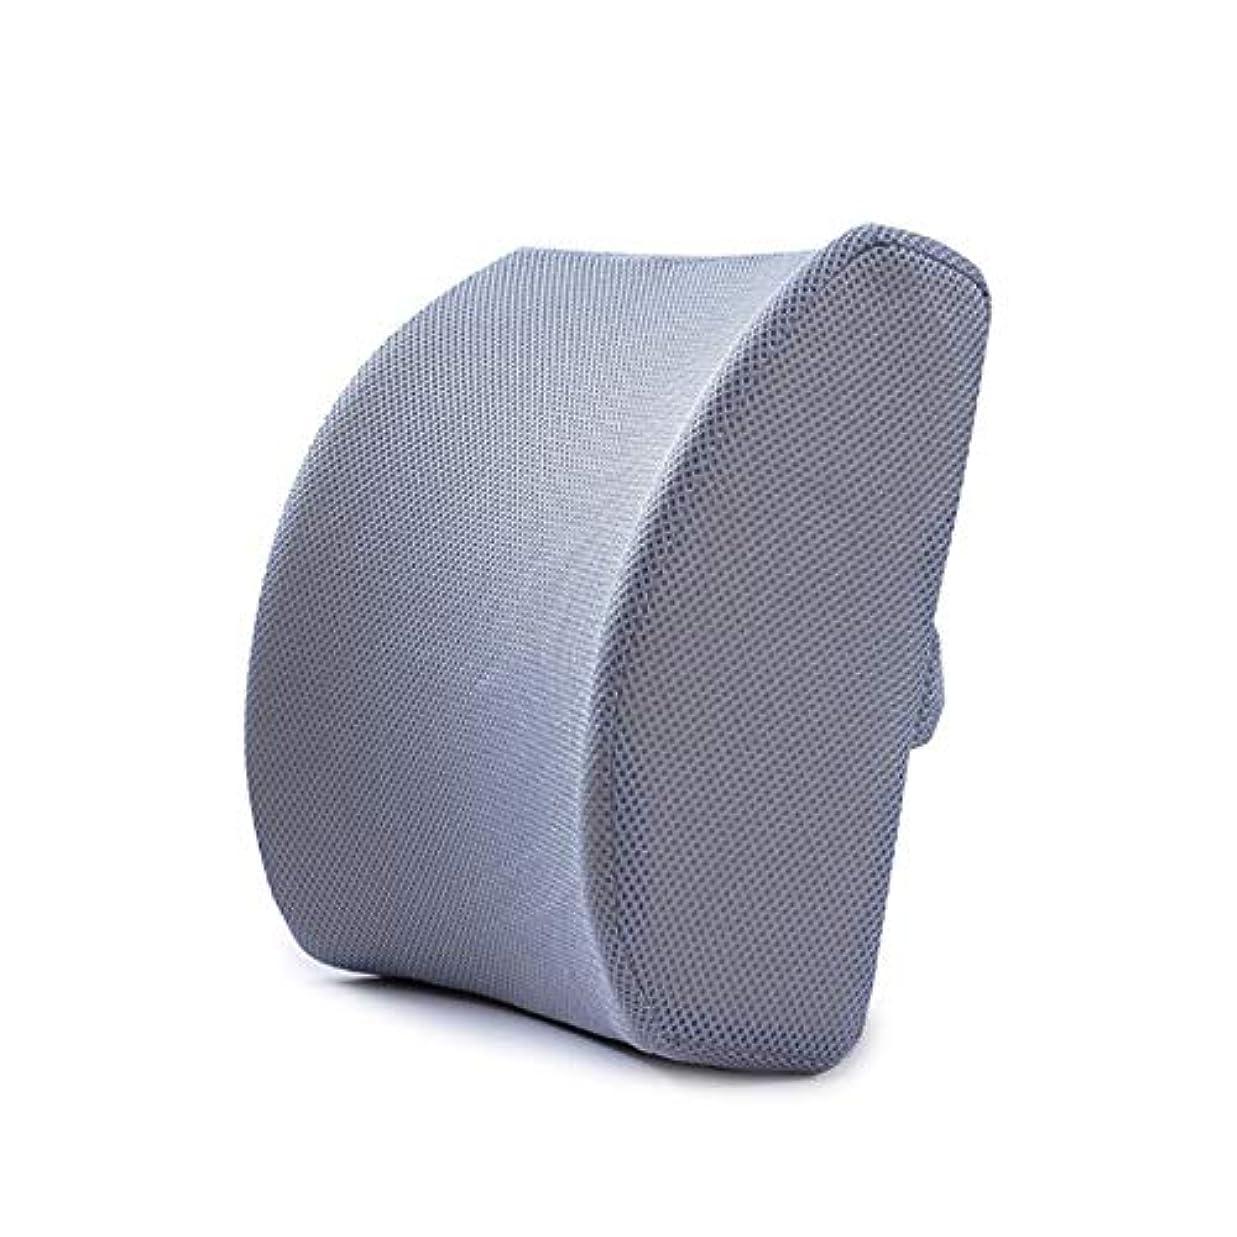 収益情緒的宿命LIFE ホームオフィス背もたれ椅子腰椎クッションカーシートネック枕 3D 低反発サポートバックマッサージウエストレスリビング枕 クッション 椅子